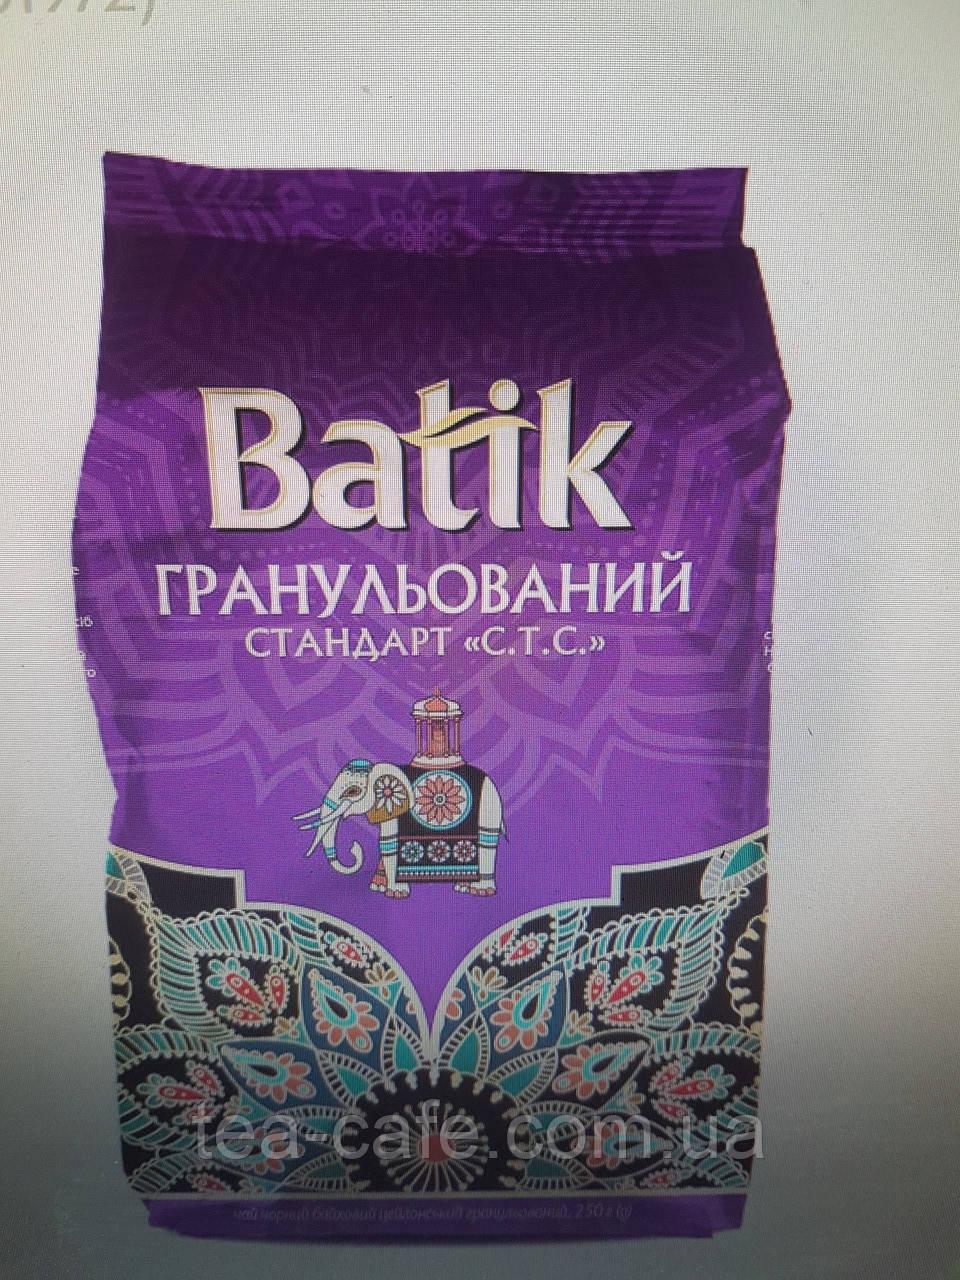 Чай Батик Гранулированный ,250 гр.